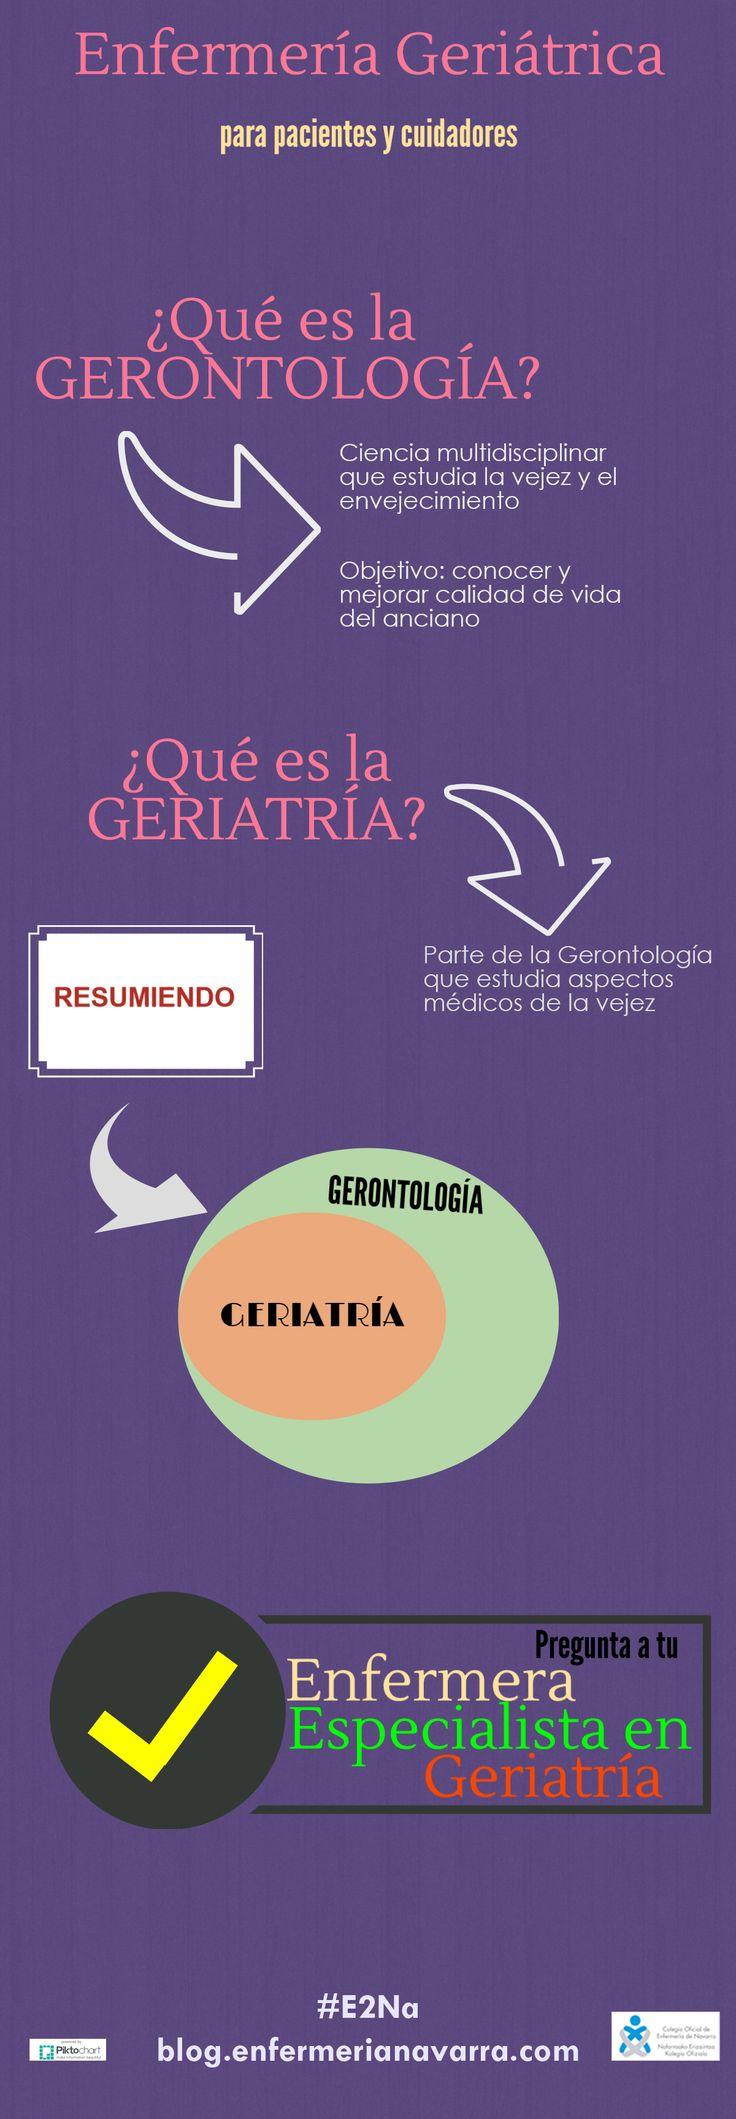 En esta infografía, podemos ver las diferencia entre Gerontología y Geriatría, dos conceptos que se confunden.